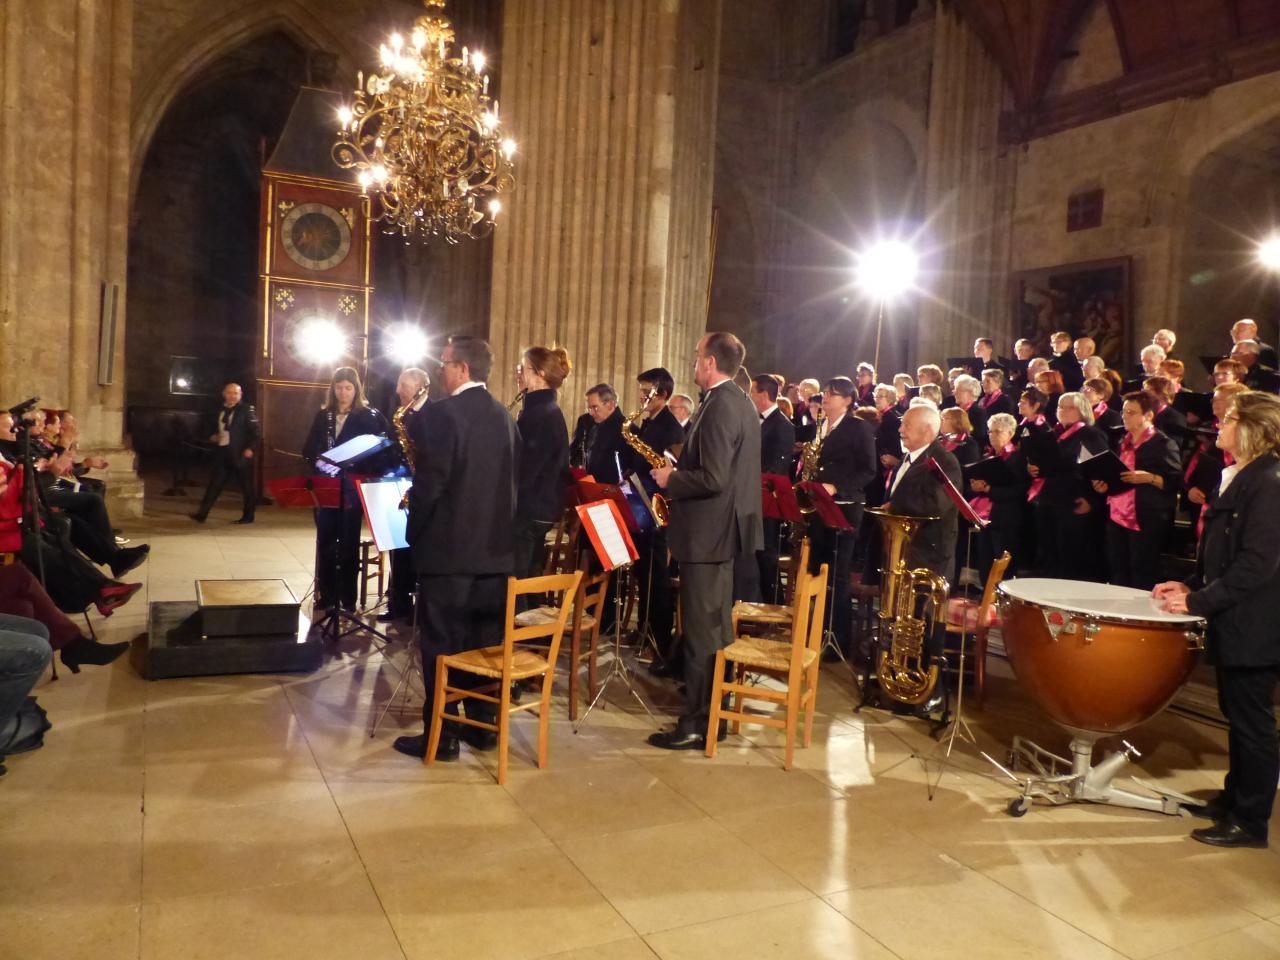 2017-04-29 Bourges Cathédrale concert (10)